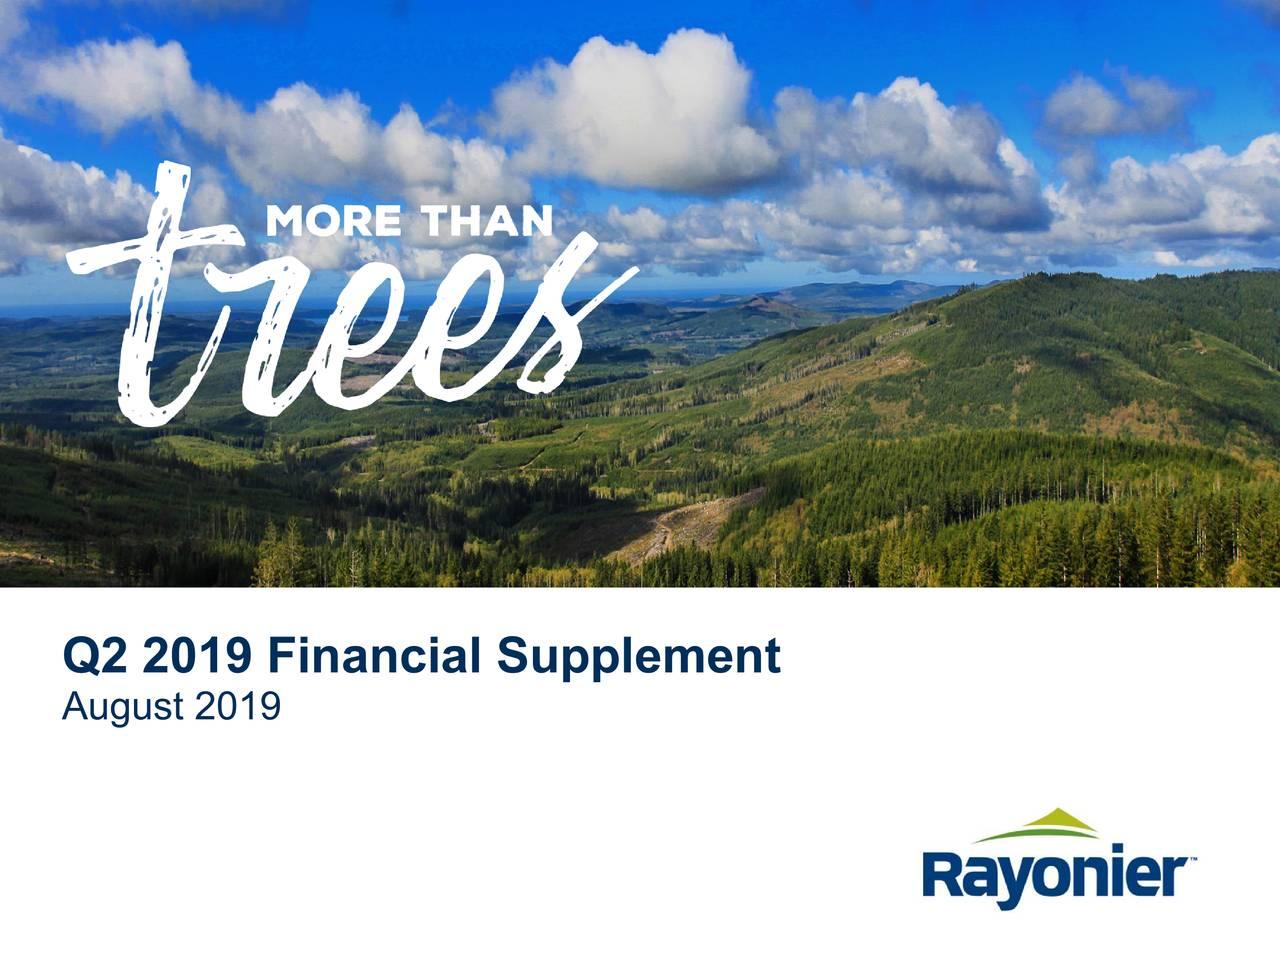 Q2 2019 Financial Supplement